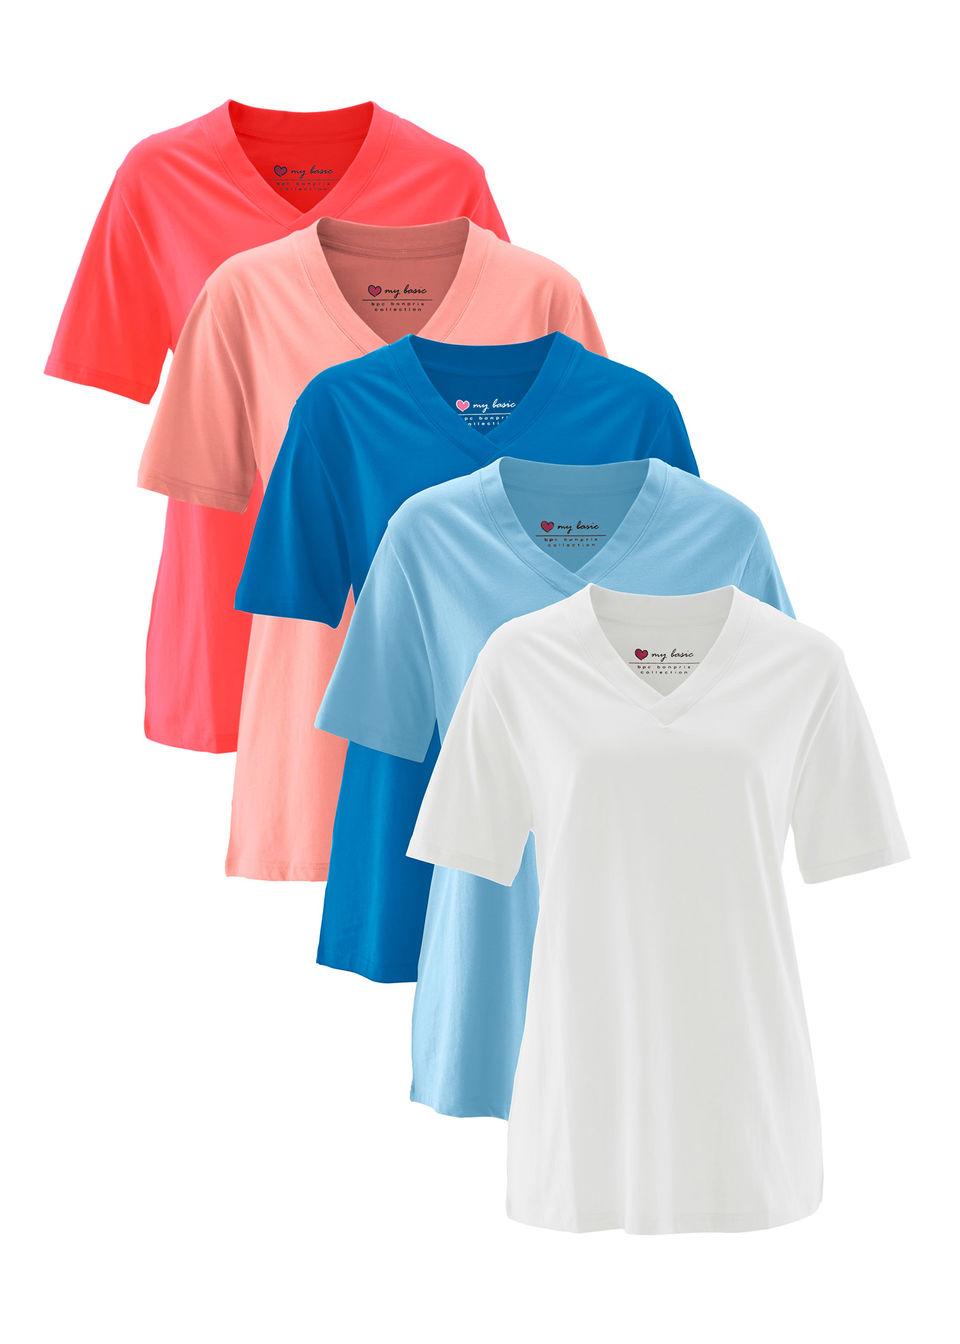 Długi shirt z dekoltem w szpic (5 sztuk), krótki rękaw bonprix jasny koralowy + koralowy + jasnoniebieski + lazurowy + biały bonprix